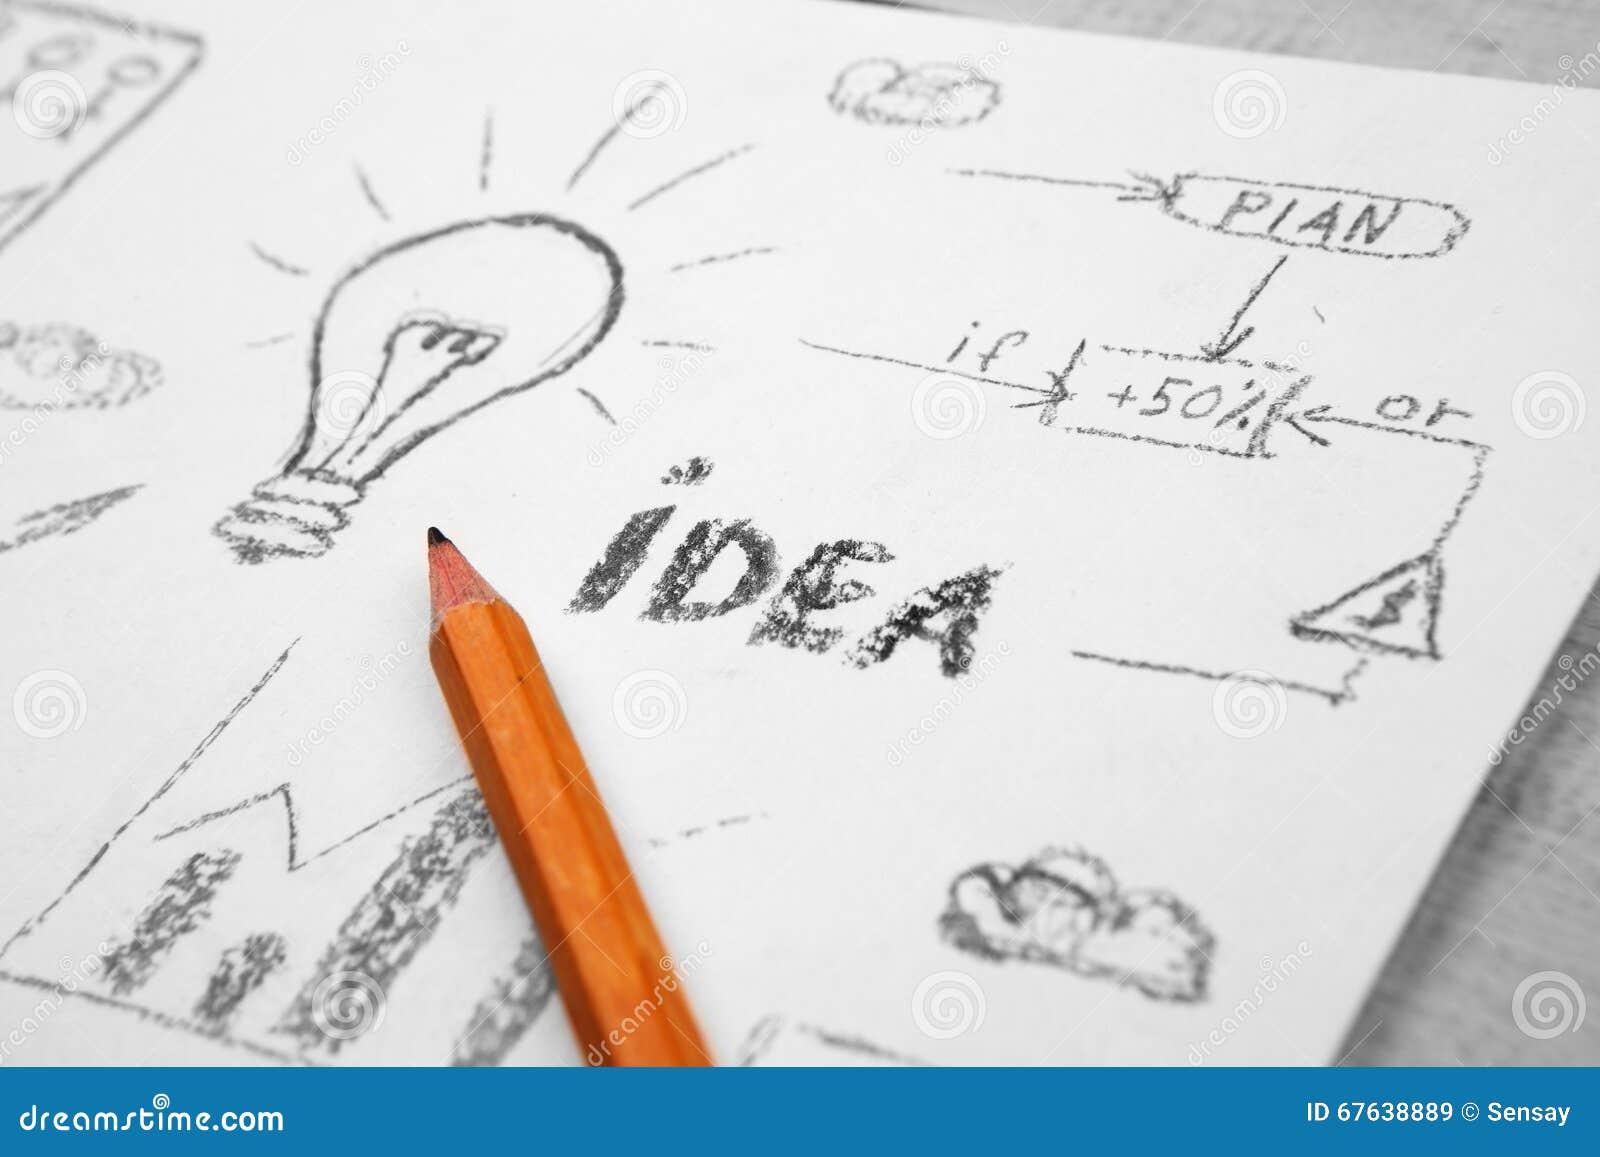 Ideenkonzept Birne Gezeichnet Mit Bleistift Stockbild